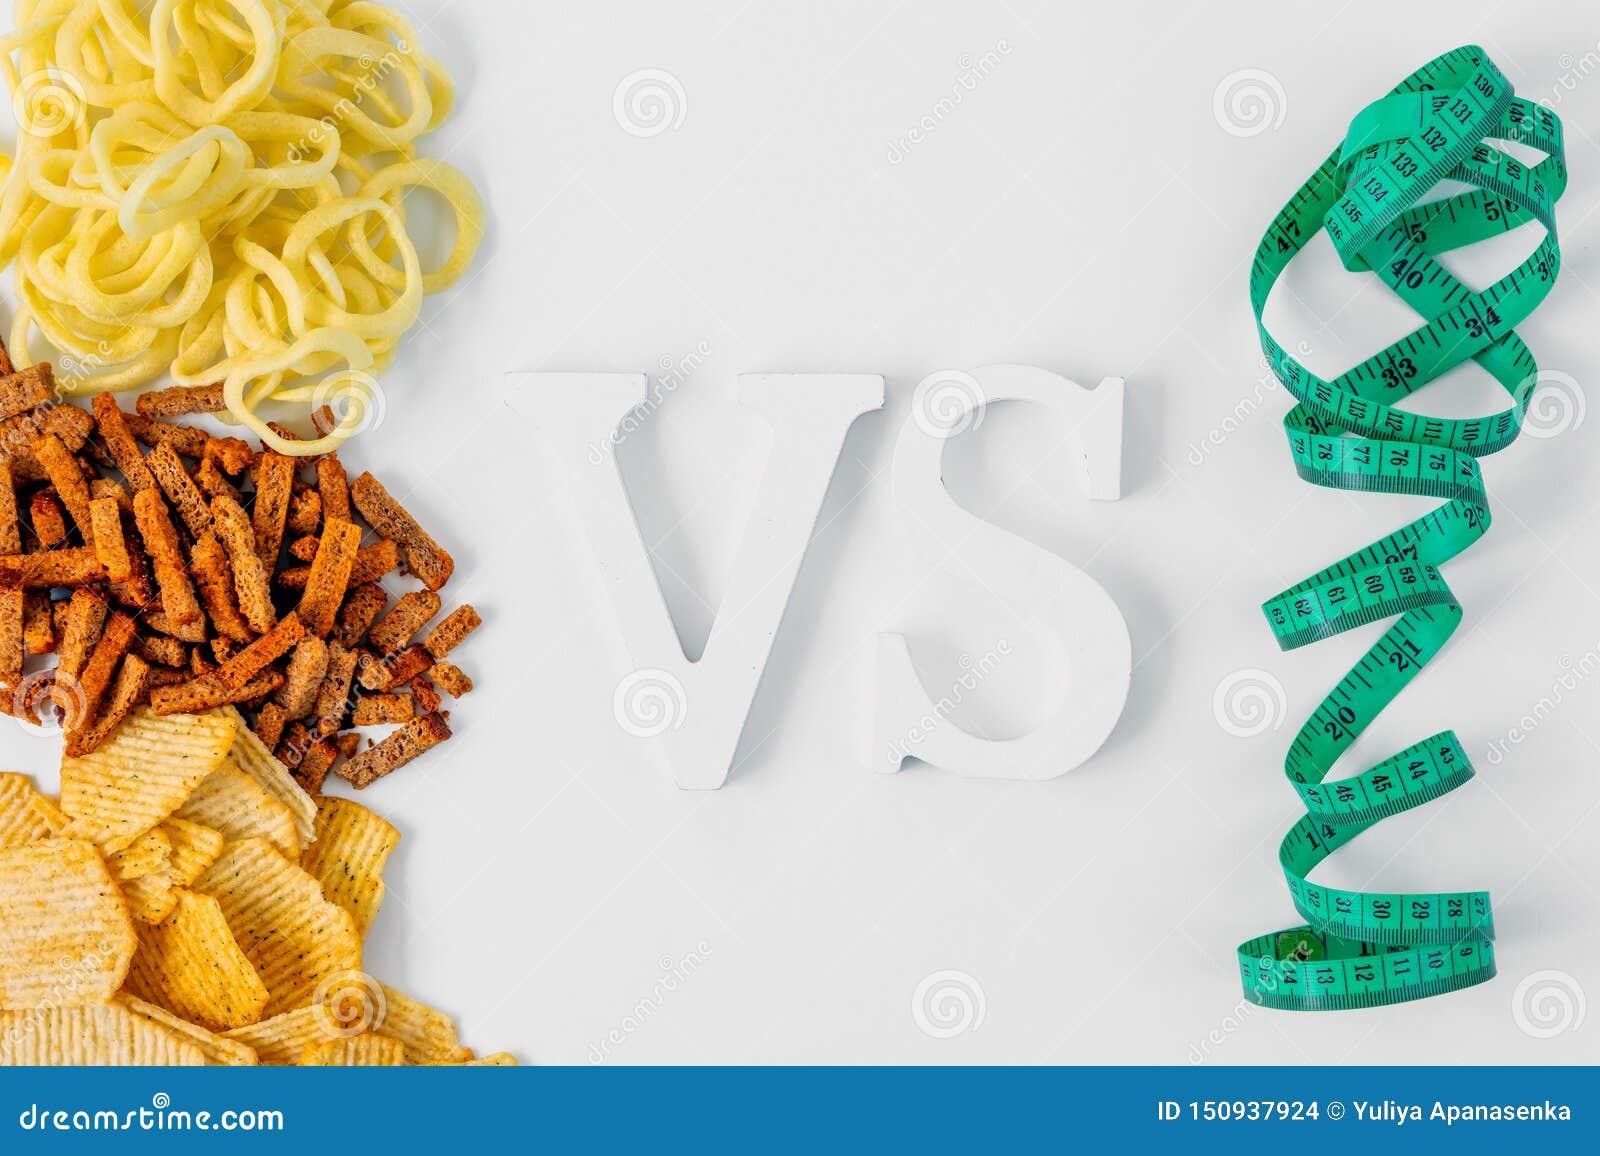 做出选择的概念食物 不健康的食物:芯片,cpackersonion圆环对测量的磁带,平的位置 减肥的时刻